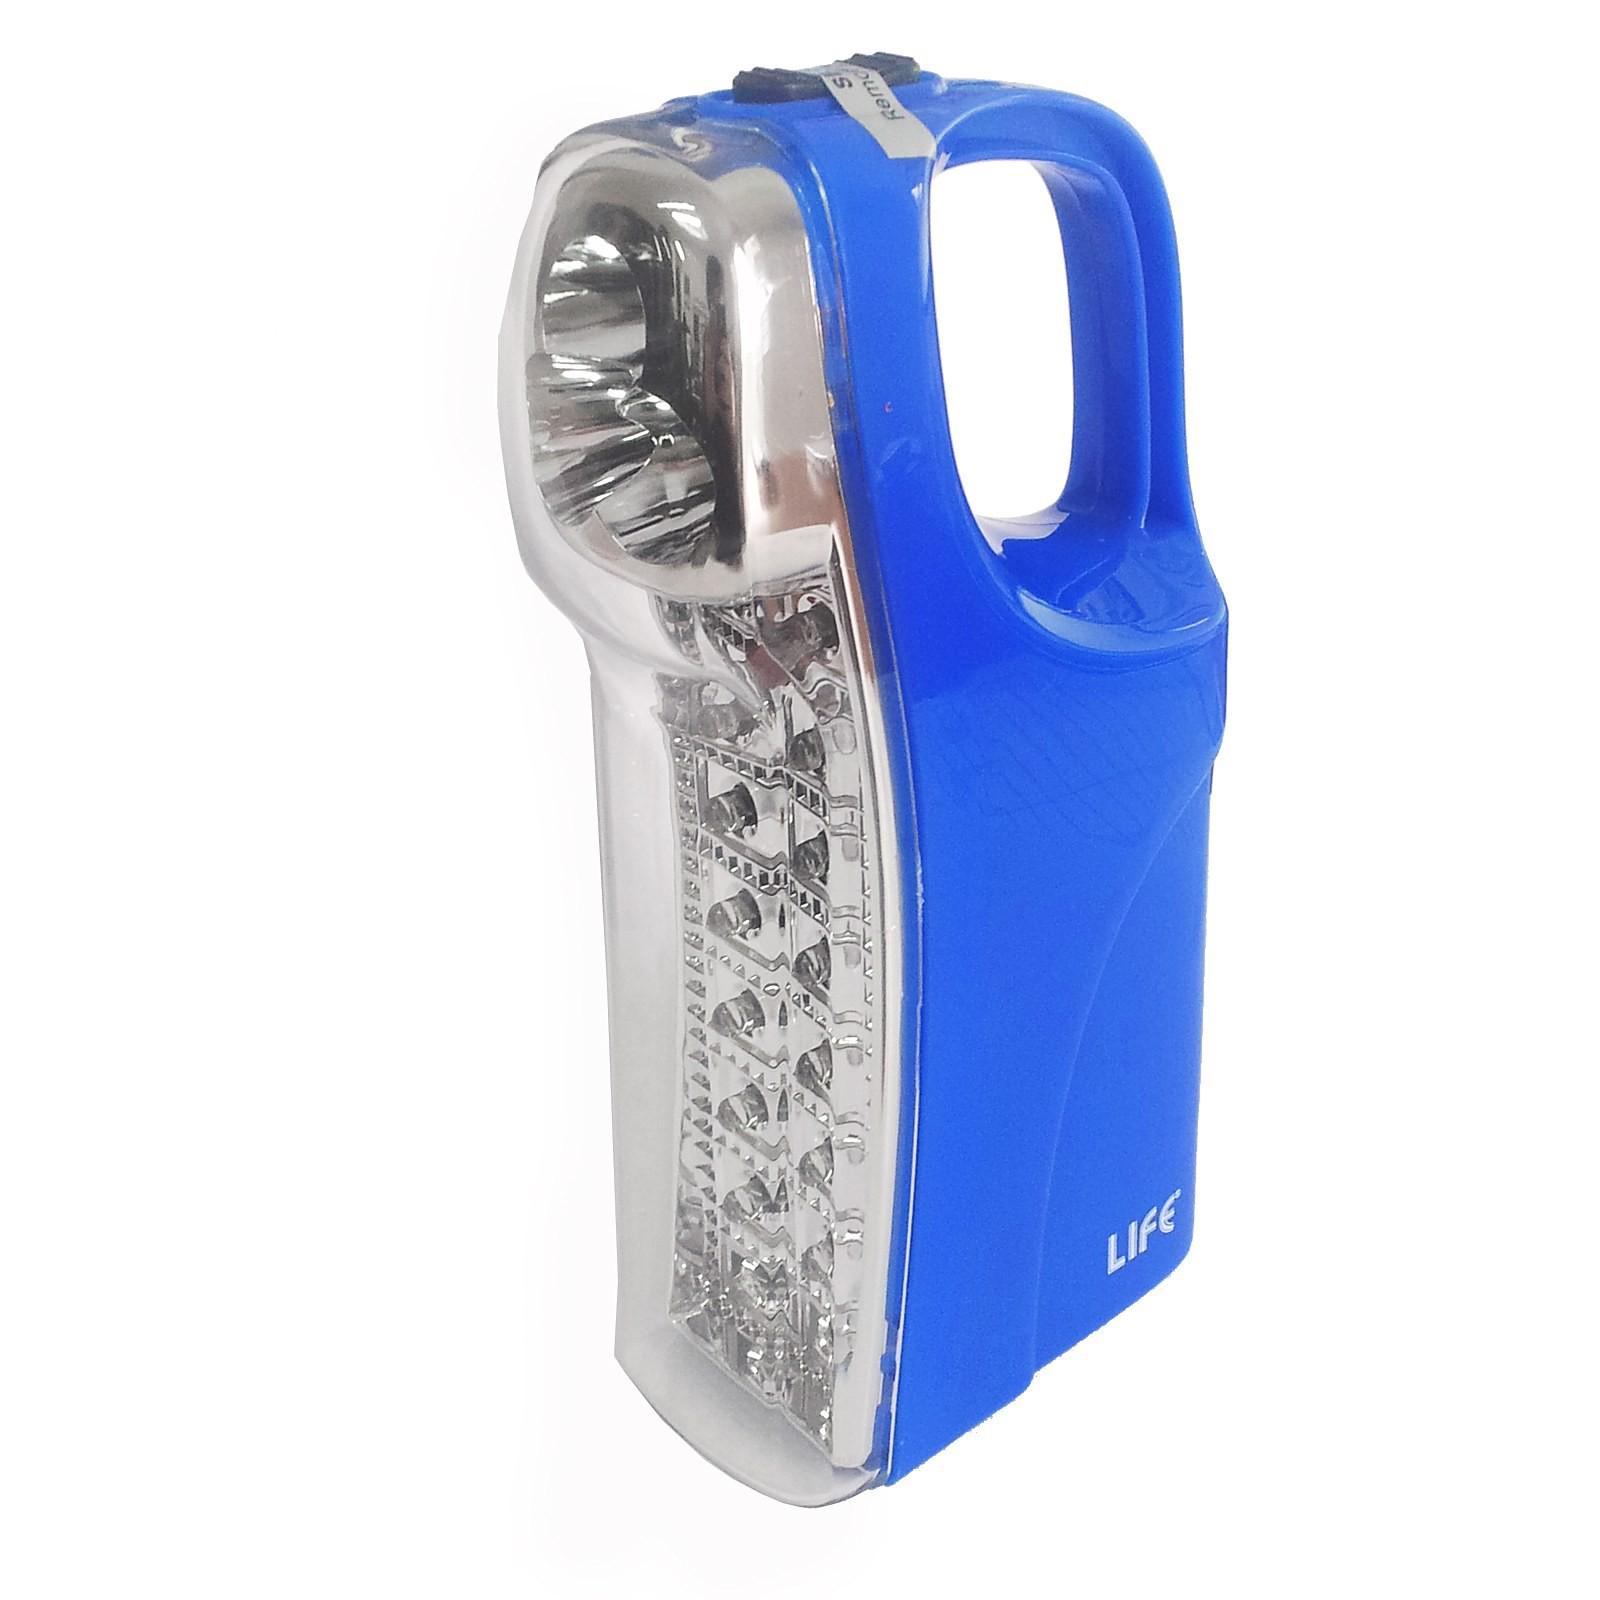 Lampada ricaricabile luce emergenza portatile 16 3 led for Lampada di emergenza a led